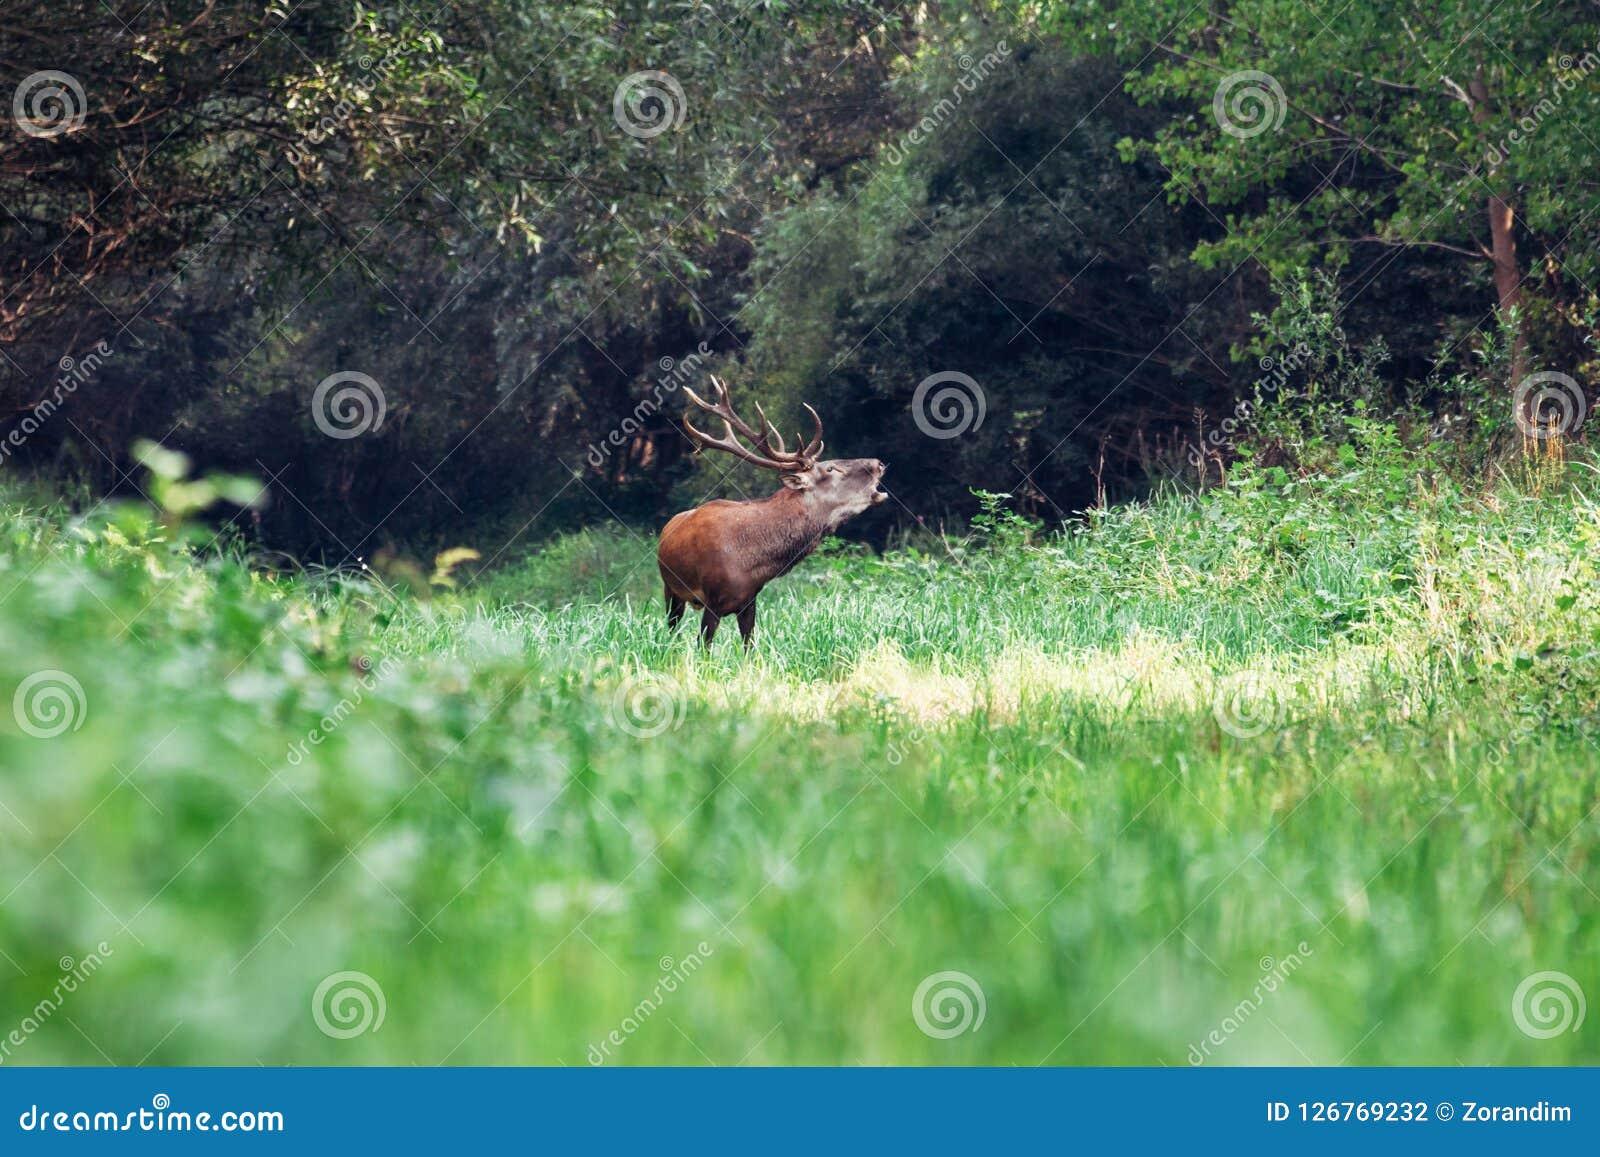 咆哮庄严强有力的成人马鹿雄鹿在绿色森林里